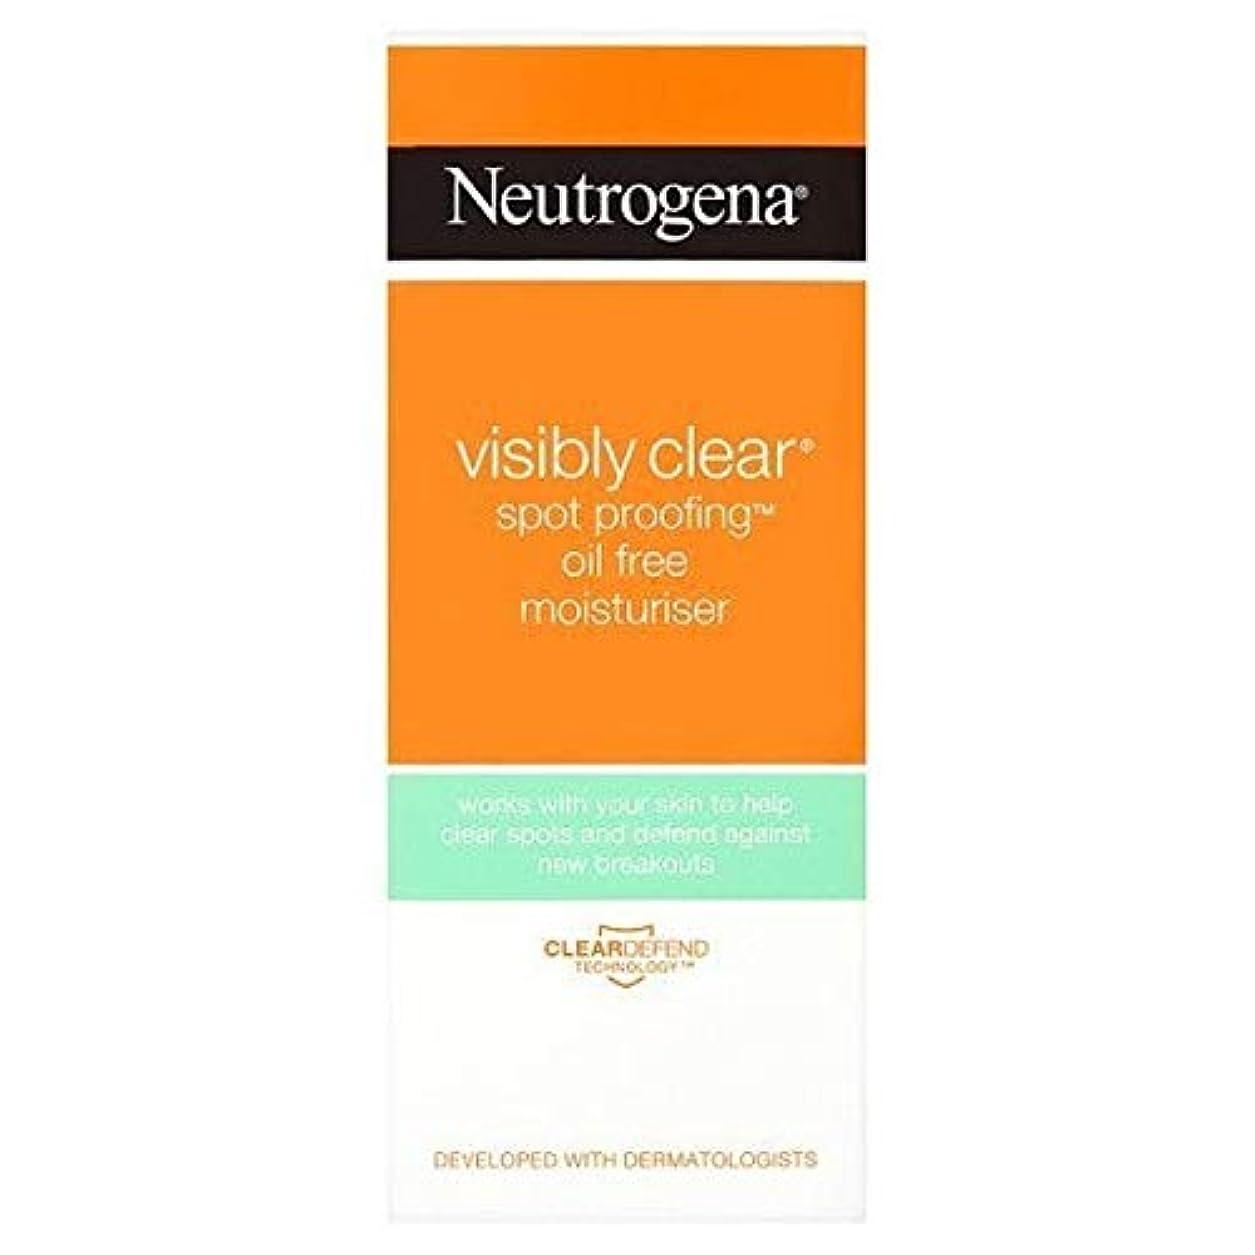 雪だるまリップ十一[Neutrogena ] ニュートロジーナ目に見えて明らかスポットプルーフ保湿50ミリリットル - Neutrogena Visibly Clear Spot Proofing Moisturiser 50ml [並行輸入品]